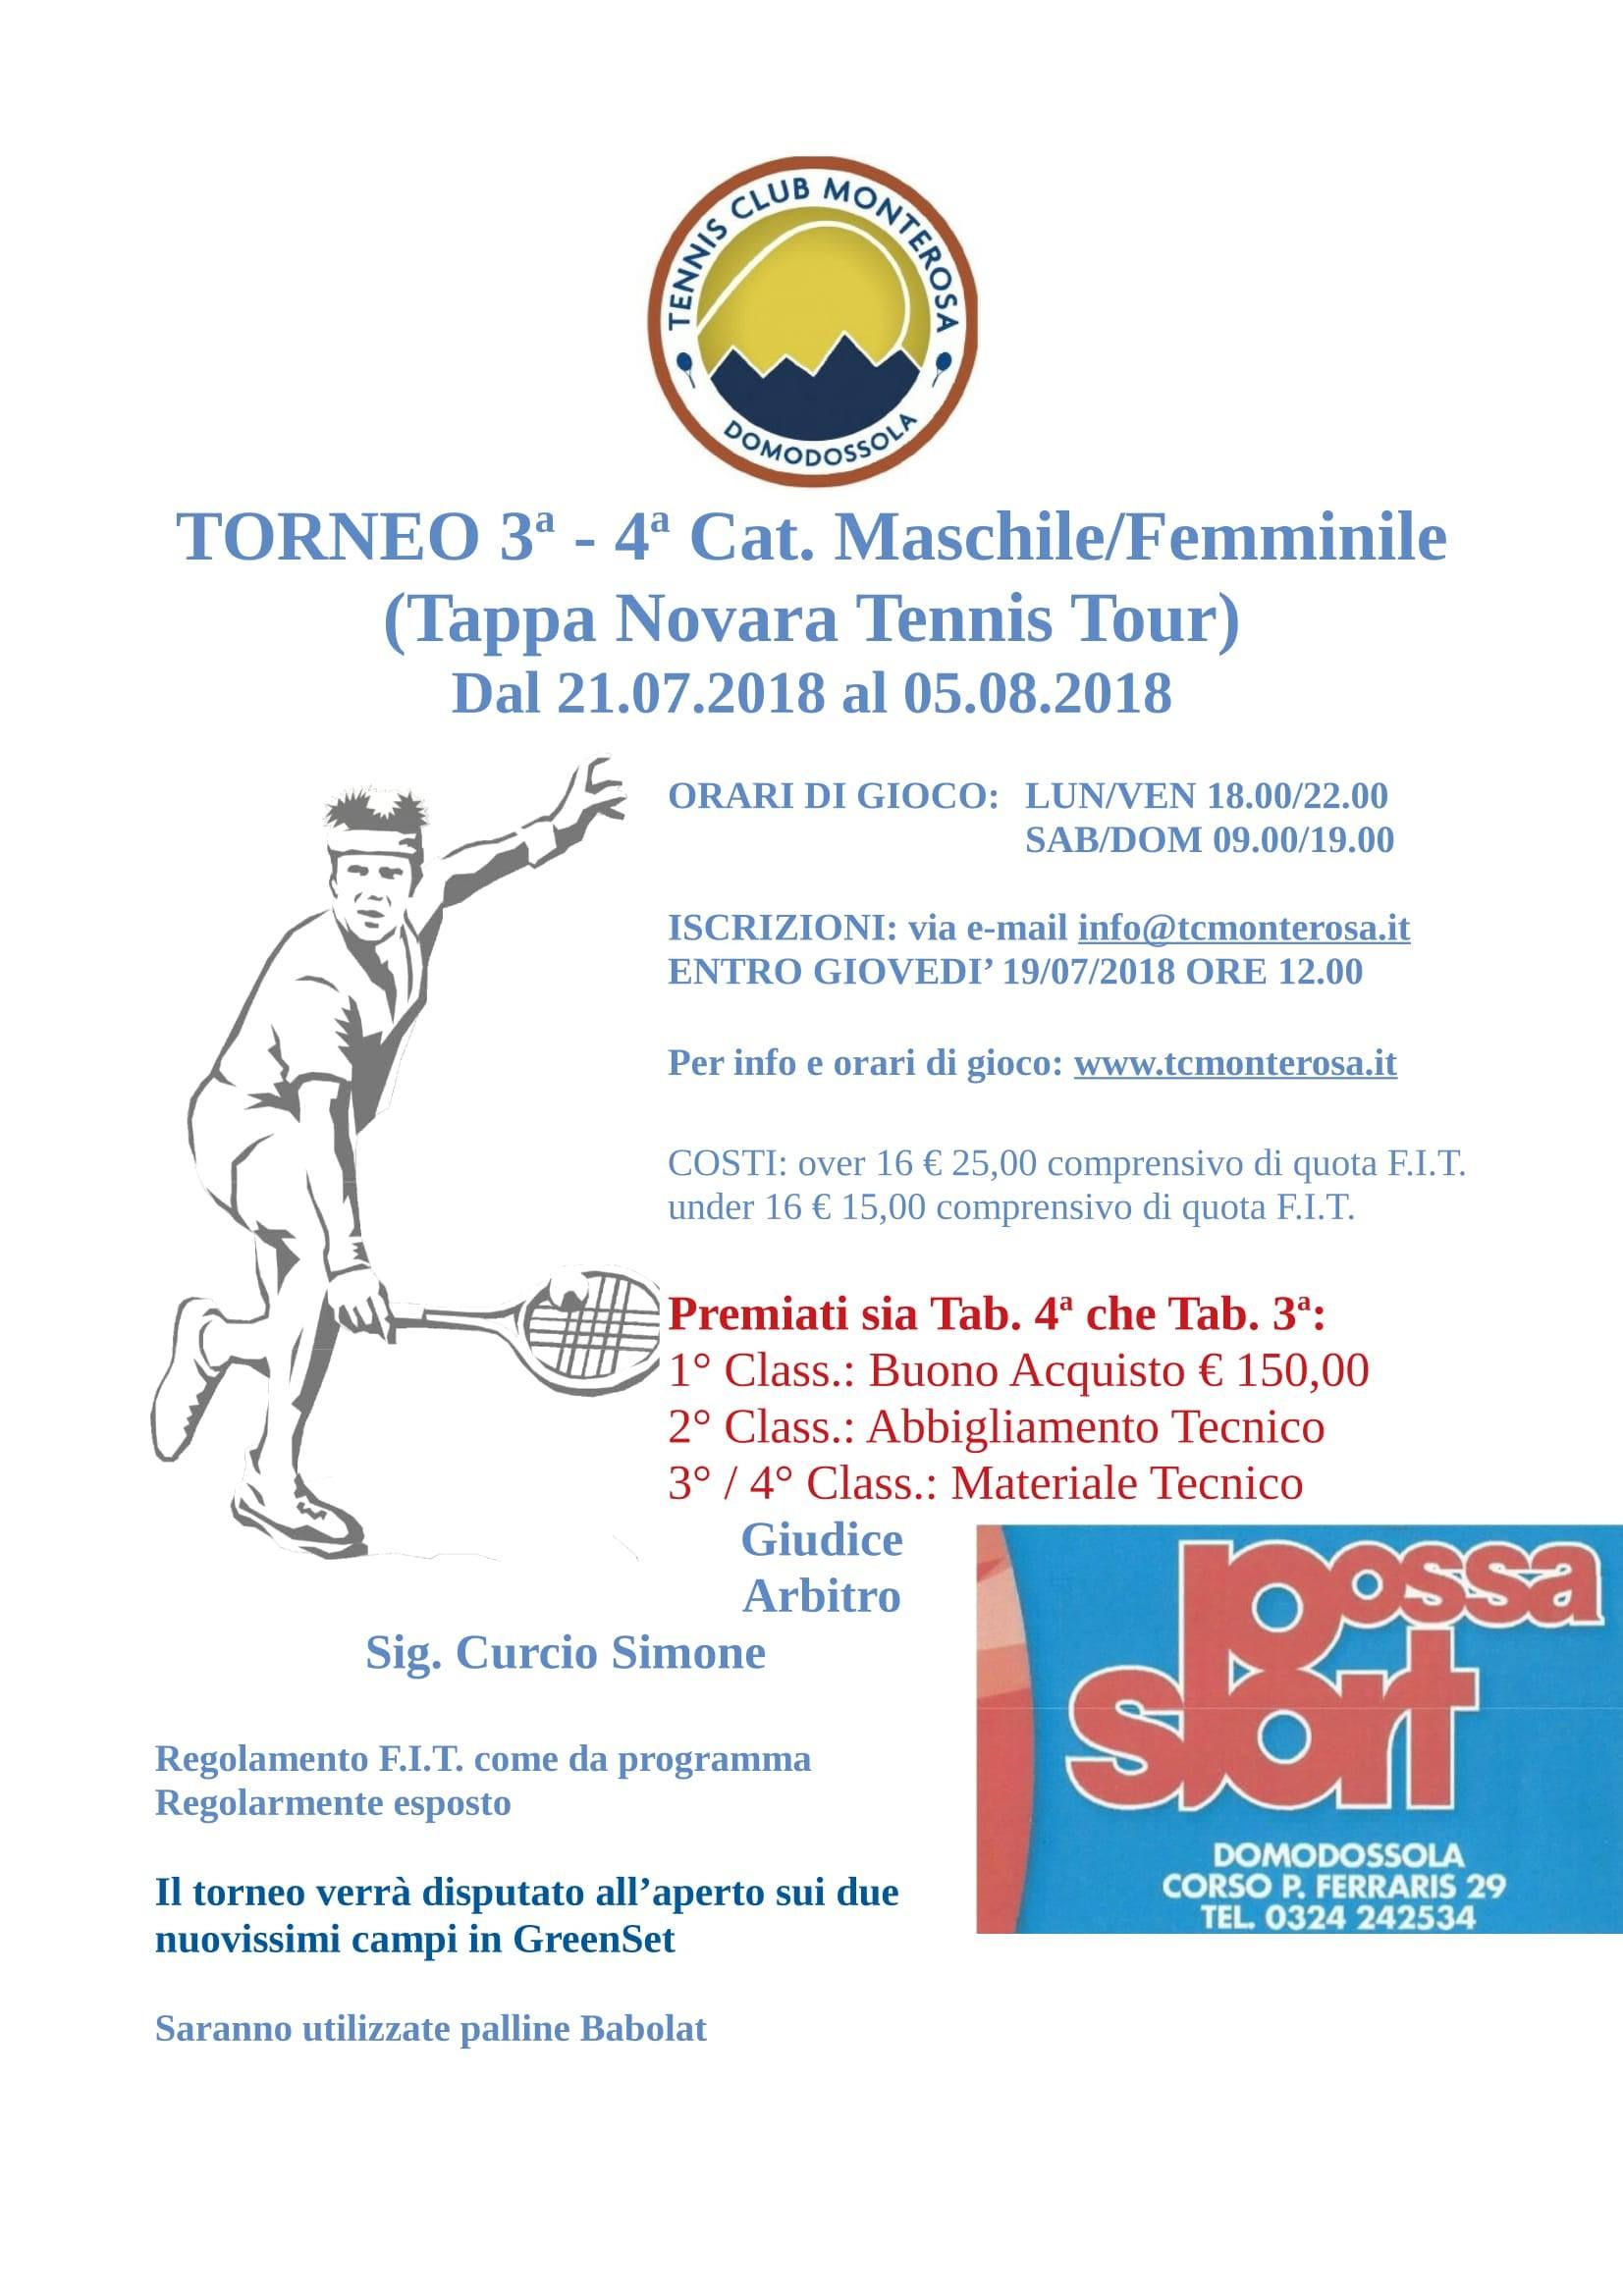 ll torneo FIT dal 21 07 2018 al 05 08 2018 ¨ inserito nel Circuito FIT Sportway Head non Novara Tennis Tour